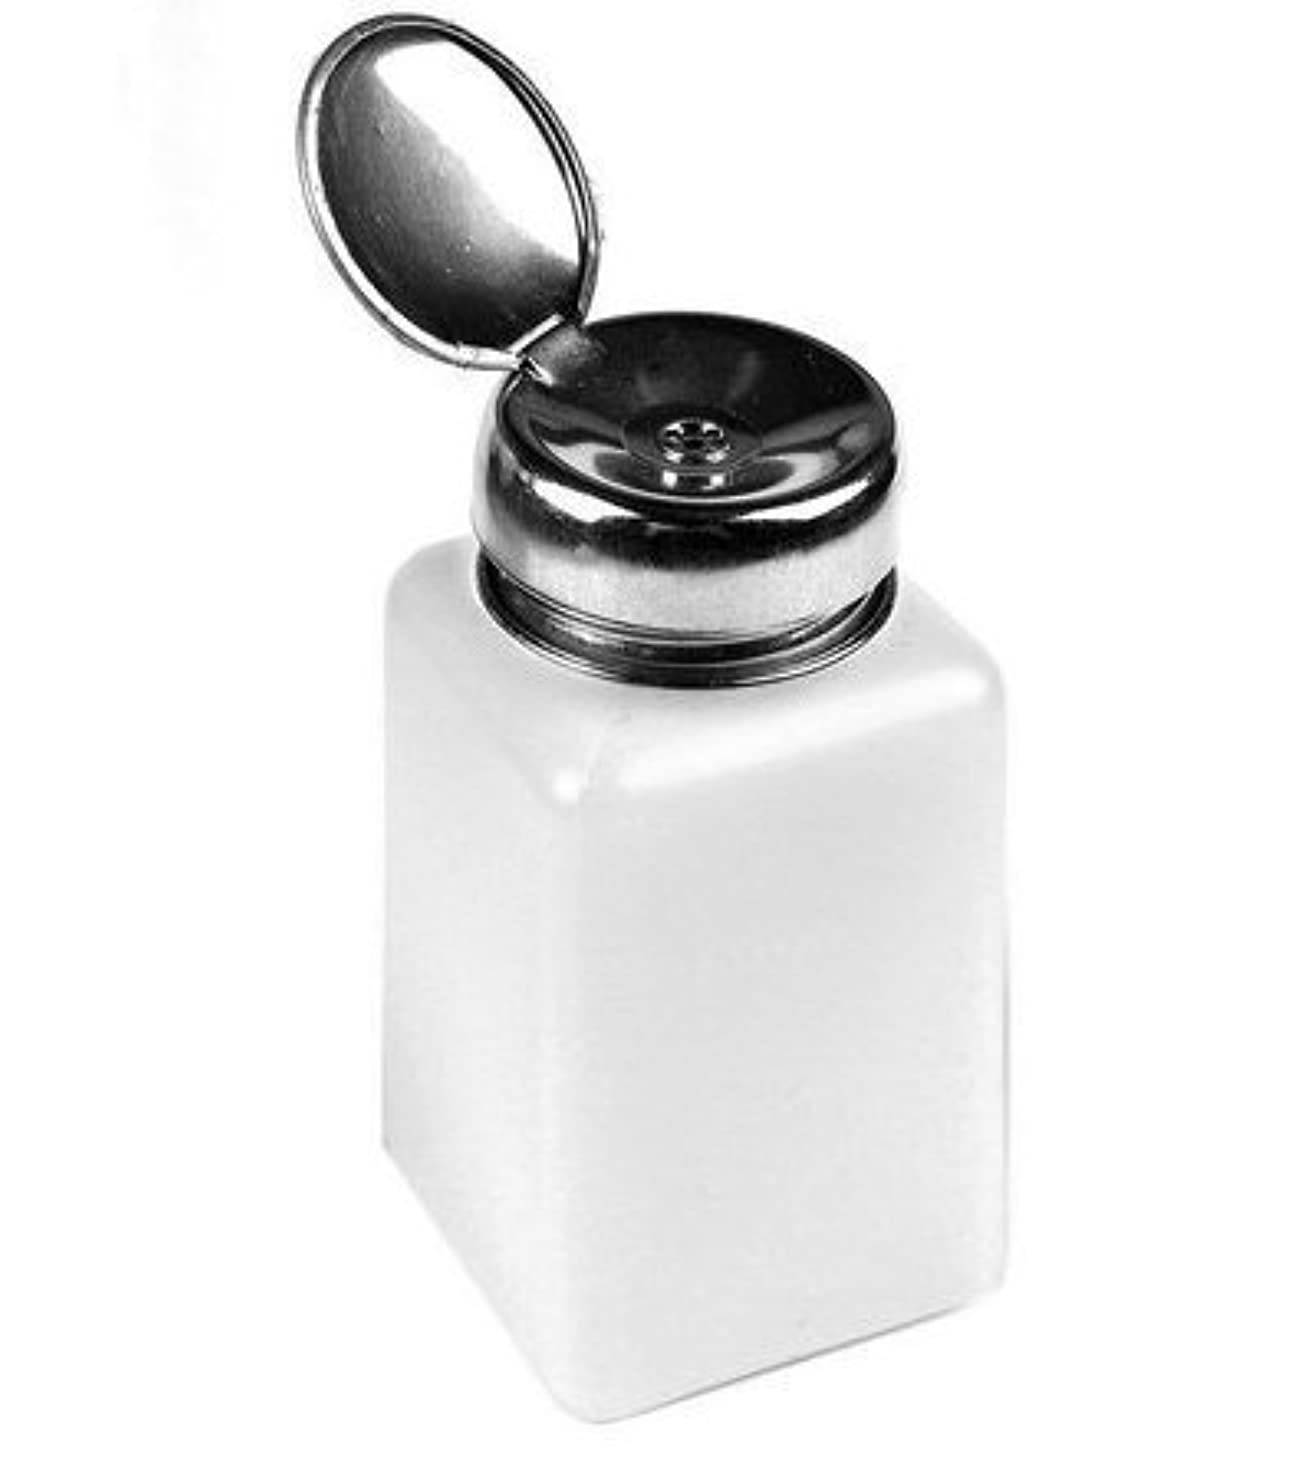 マルクス主義積極的に相談するネイルアートポリッシュリムーバー用100MLポンプディスペンサーボトル